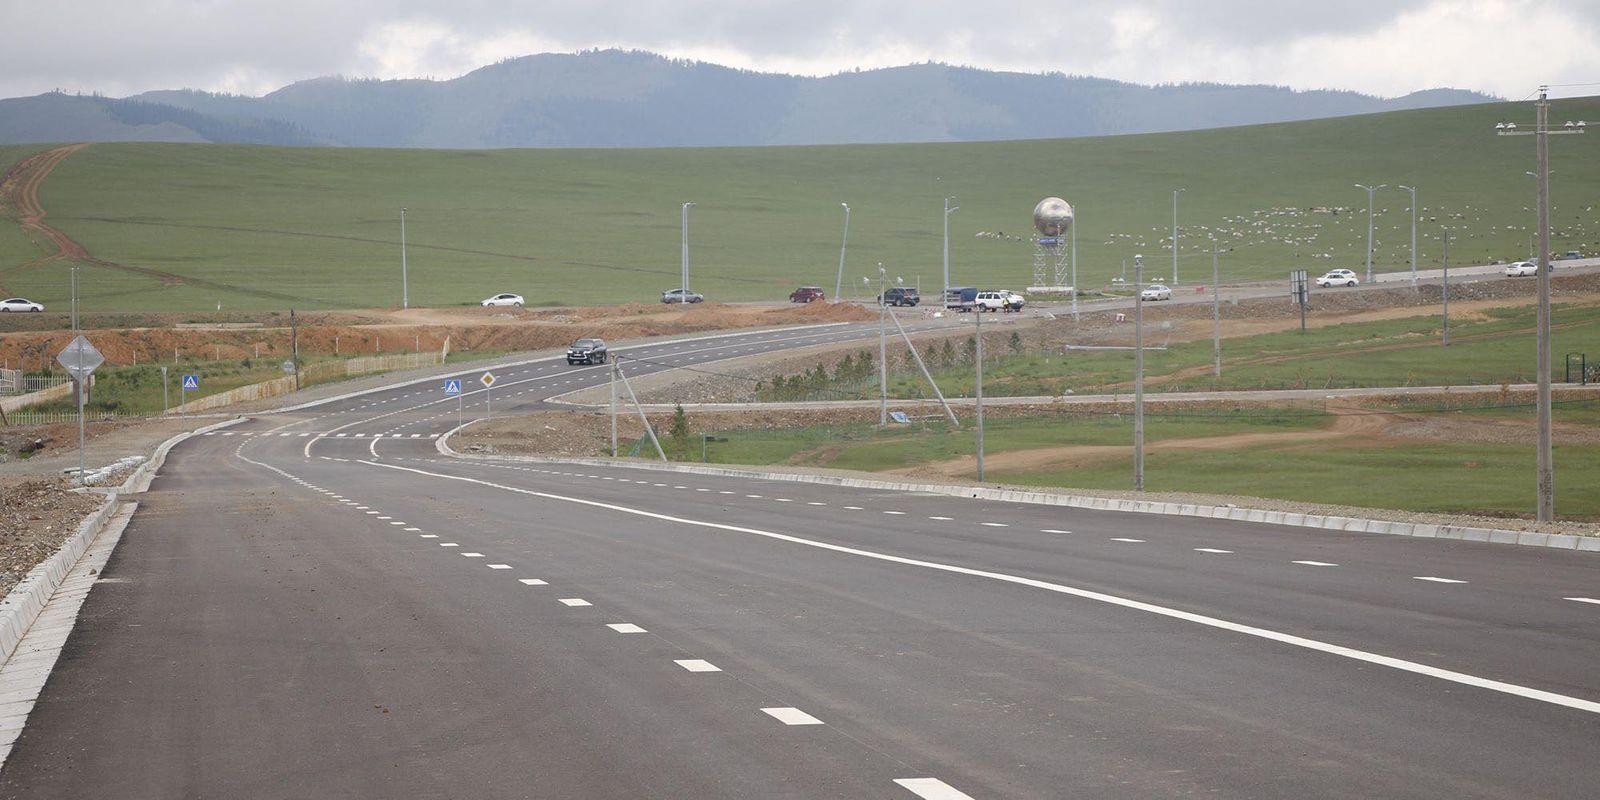 Налайх дүүрэгт шинэчлэгдэж буй авто замын эхний ээлжийн 3.5 километрийн зорчих хэсгийг нээлээ